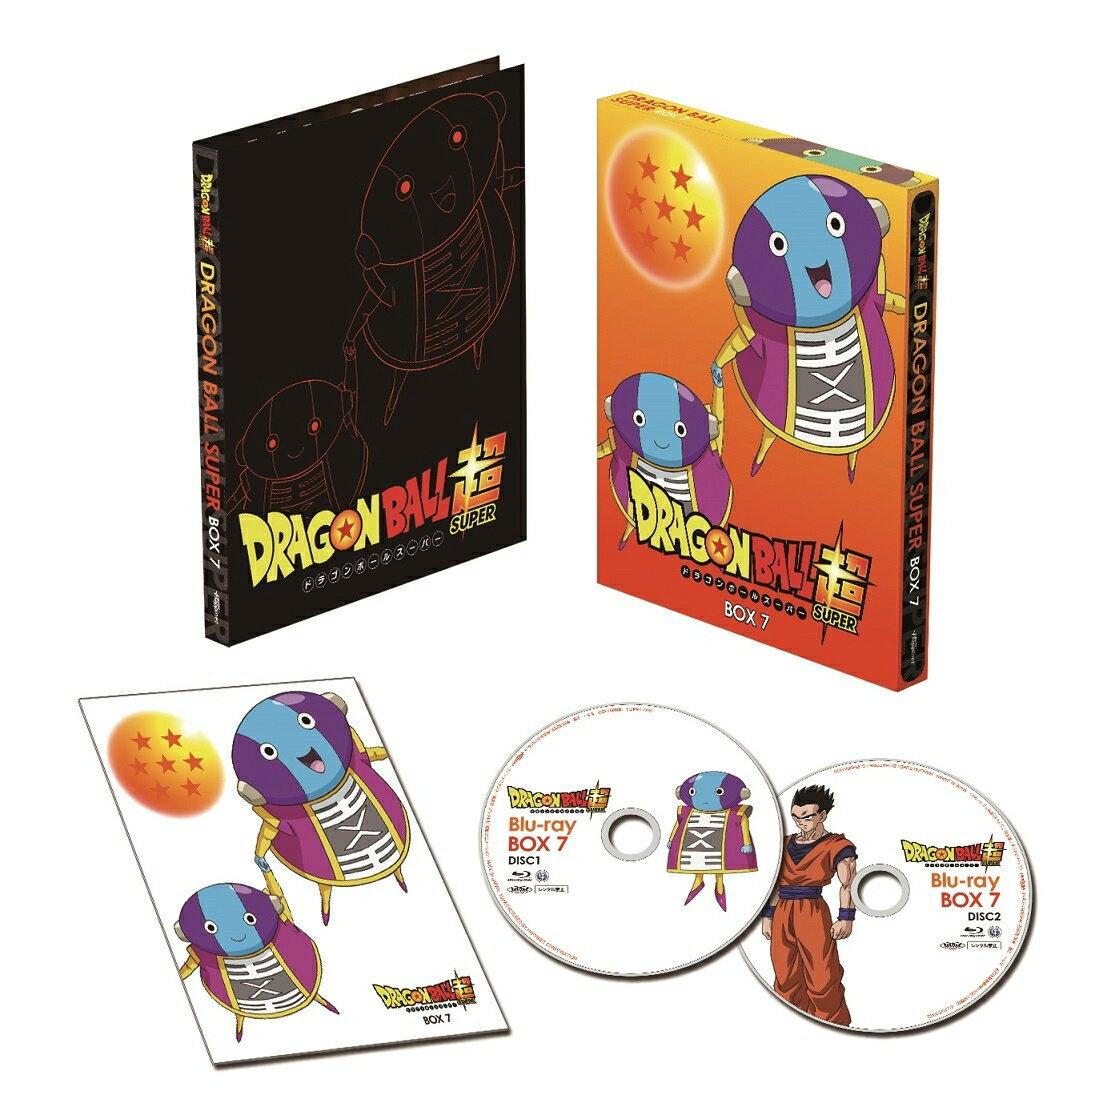 ドラゴンボール超 Blu-ray BOX7【Blu-ray】画像